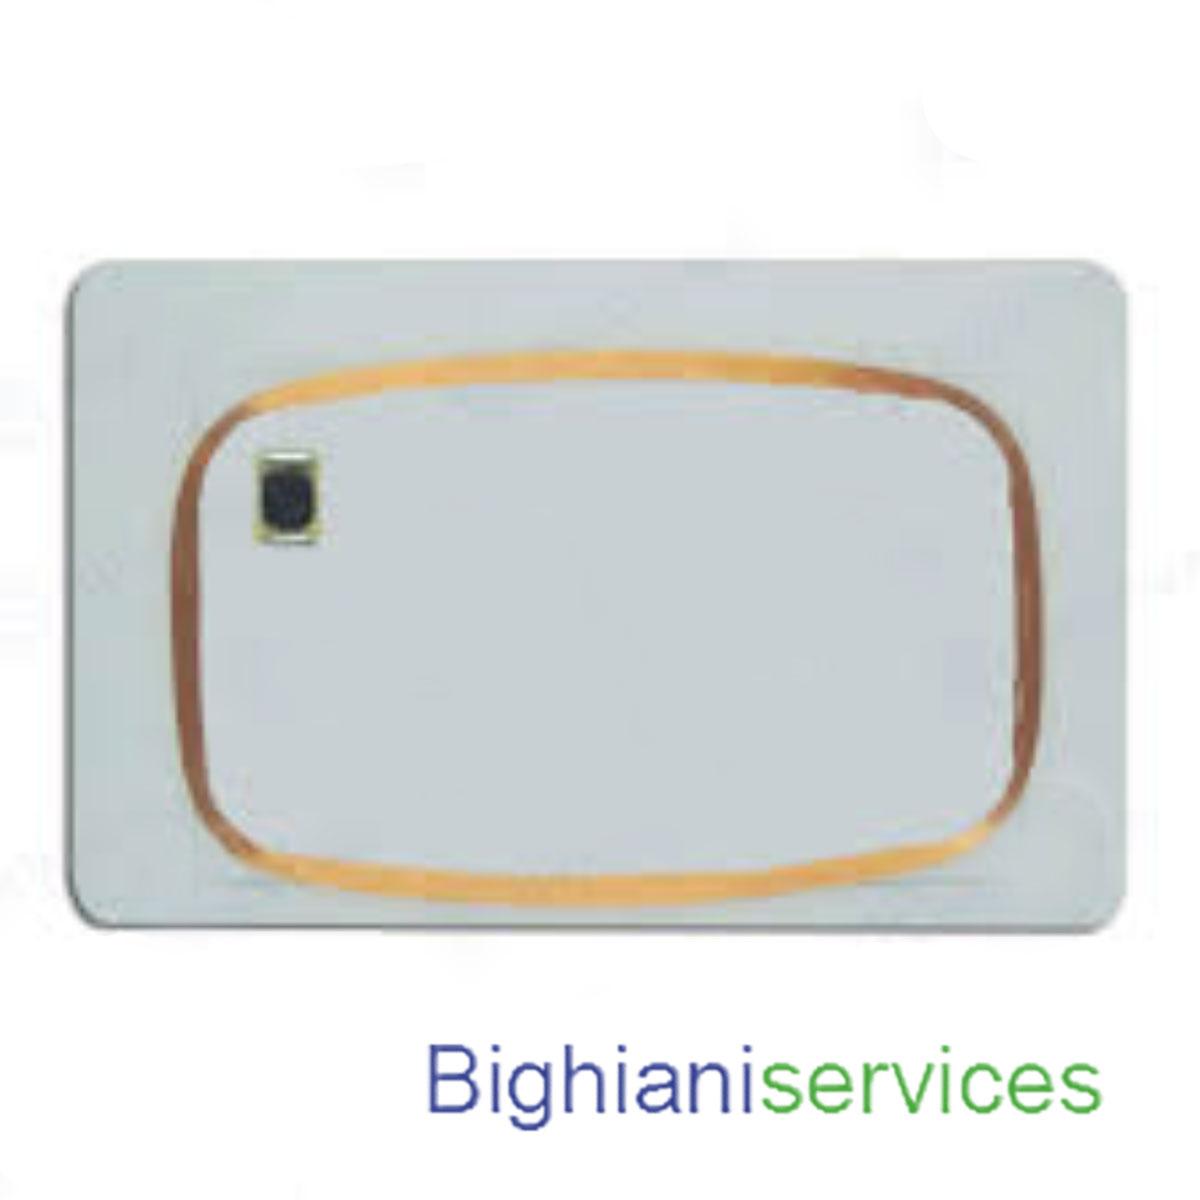 KEY-CARD-bighianiservices